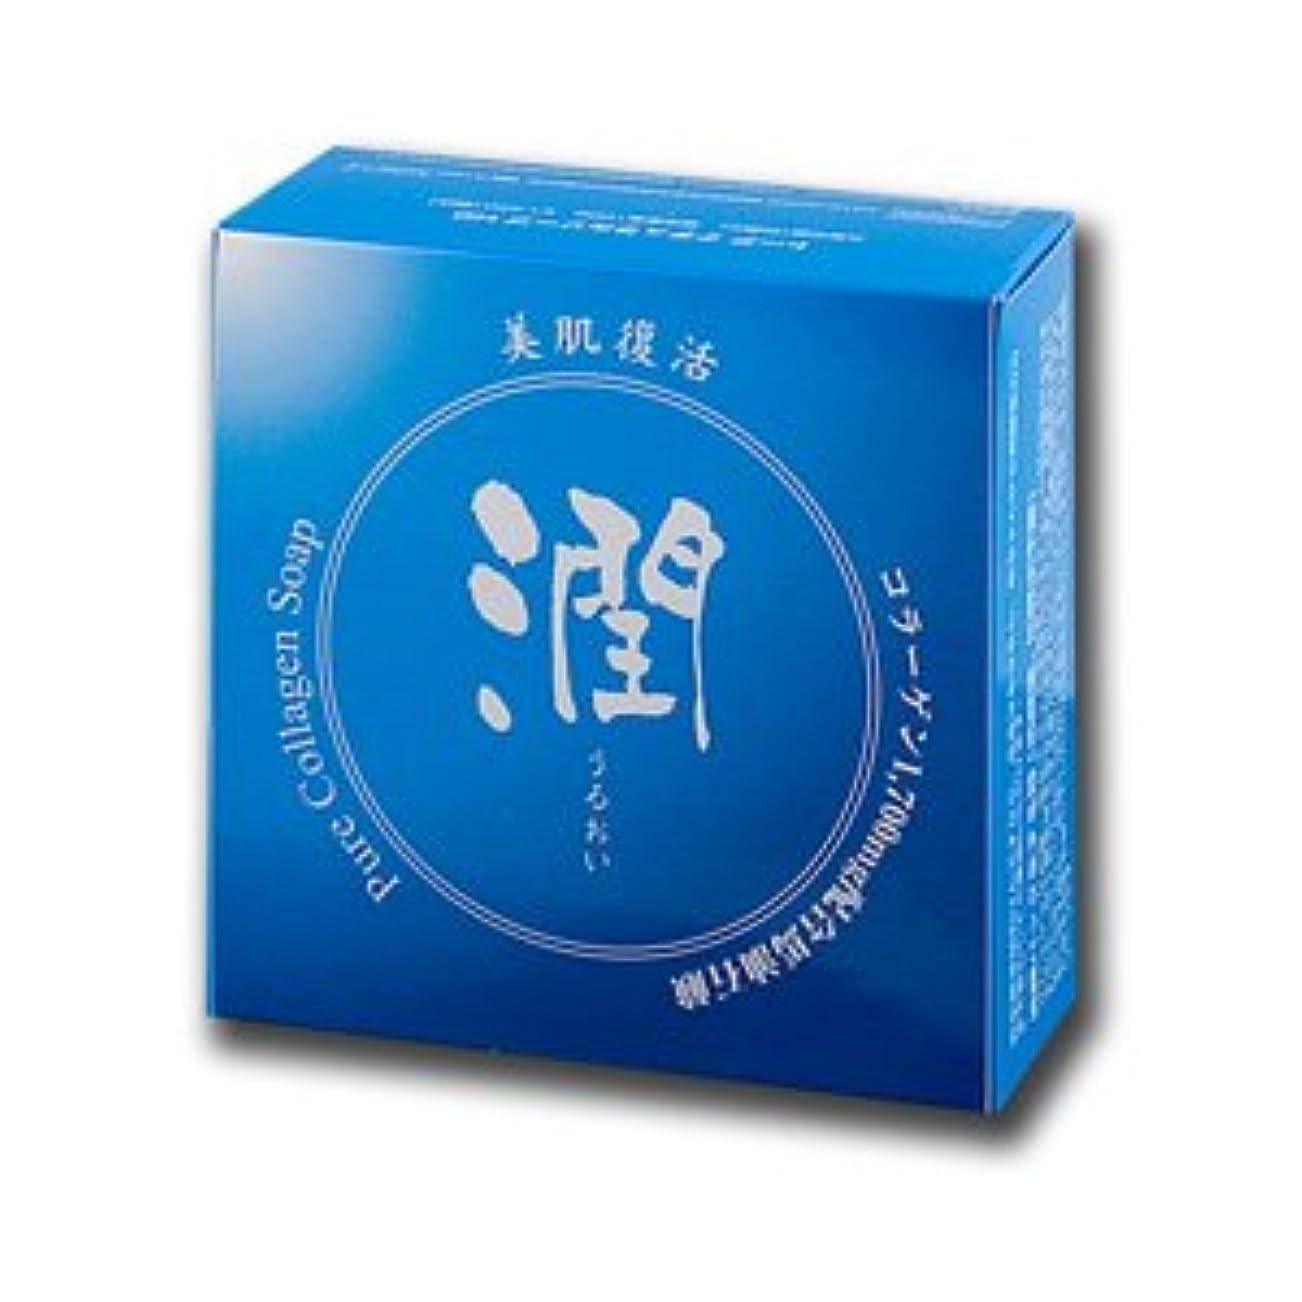 エジプトミンチスポーツコラーゲン馬油石鹸 潤 100g (#800410) ×3個セット